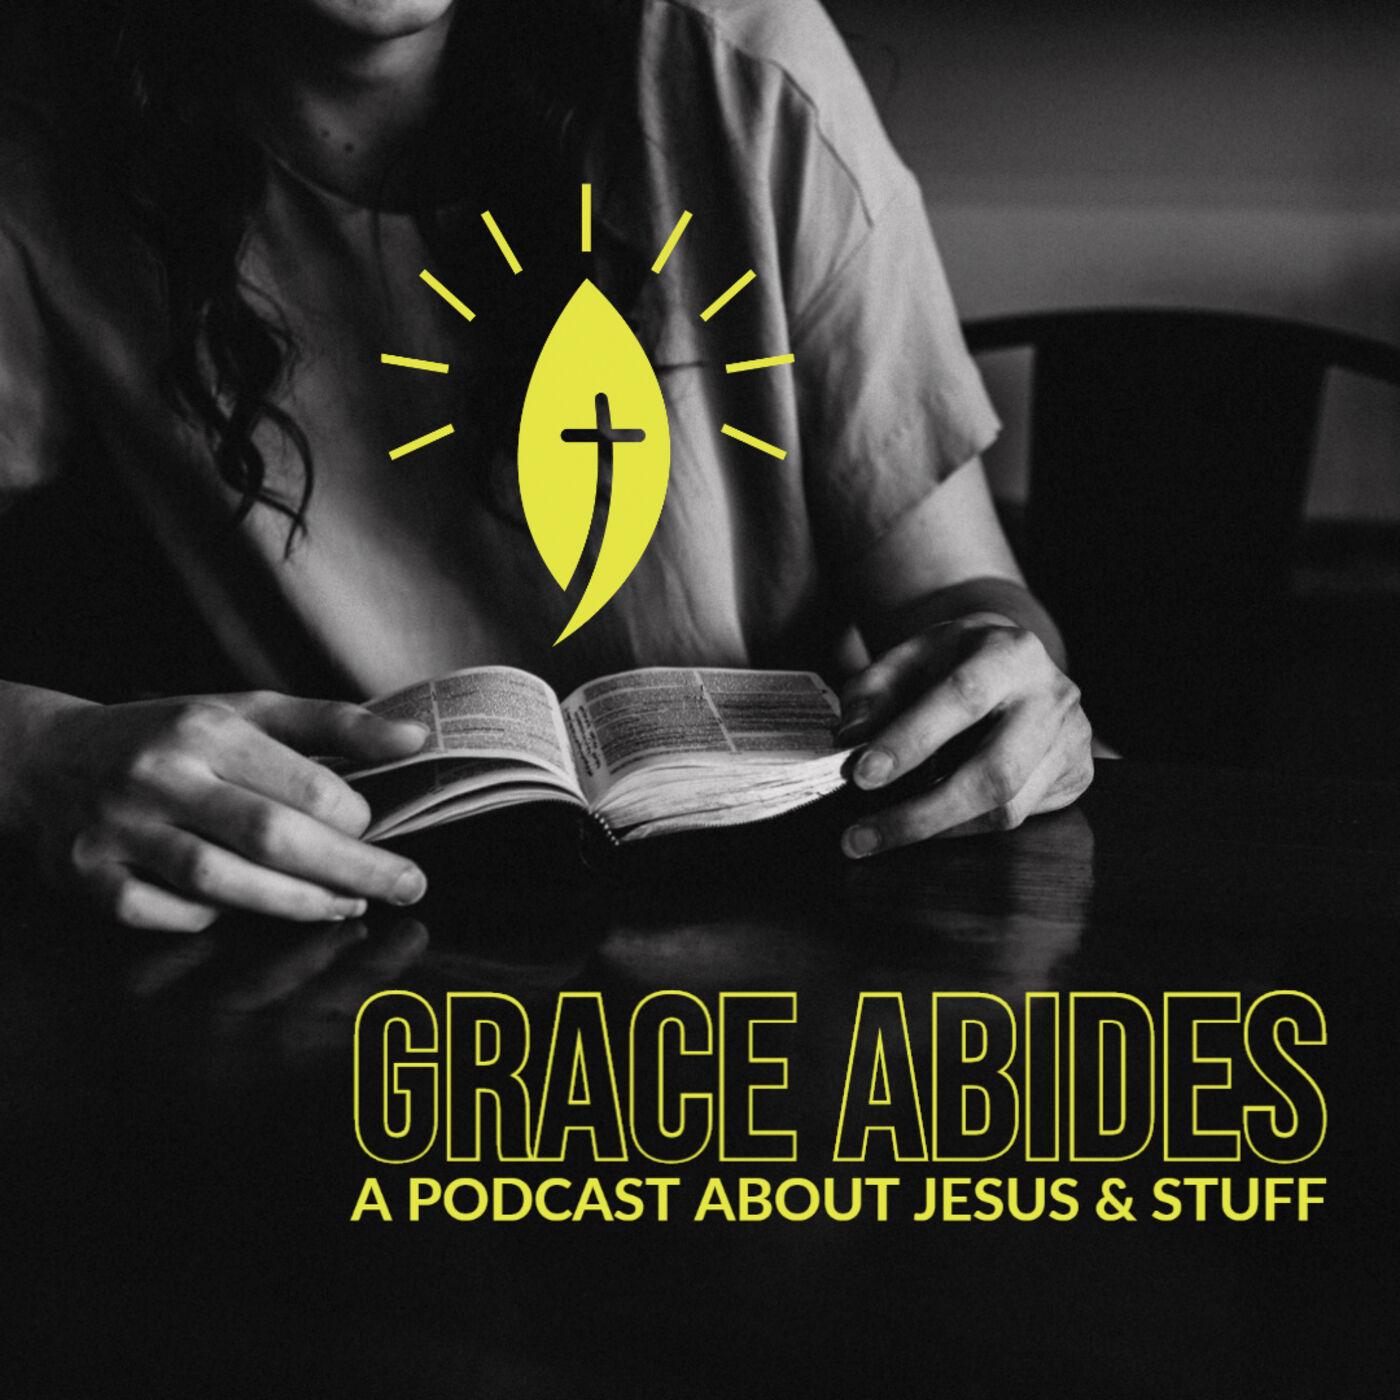 Grace Abides